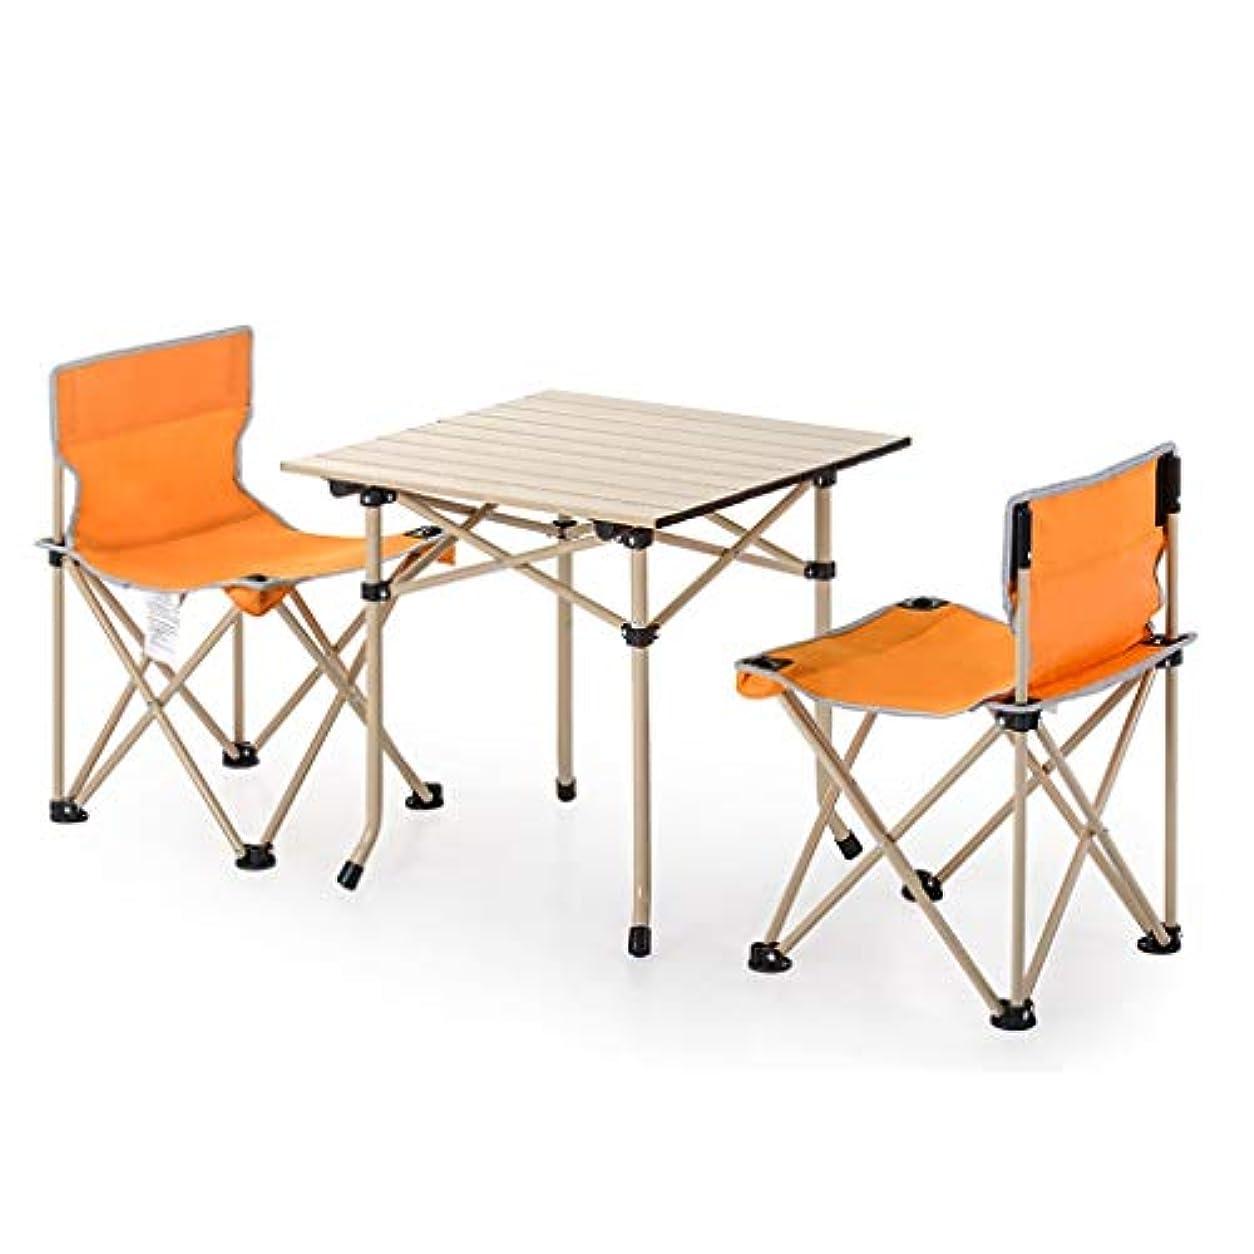 天井動機付ける練習したCATRP ブランド ポータブル 折りたたみ式 椅子とテーブルセット、アウトドア キャンプ ピクニック 庭園 バーベキュー、2色 (色 : Orange)